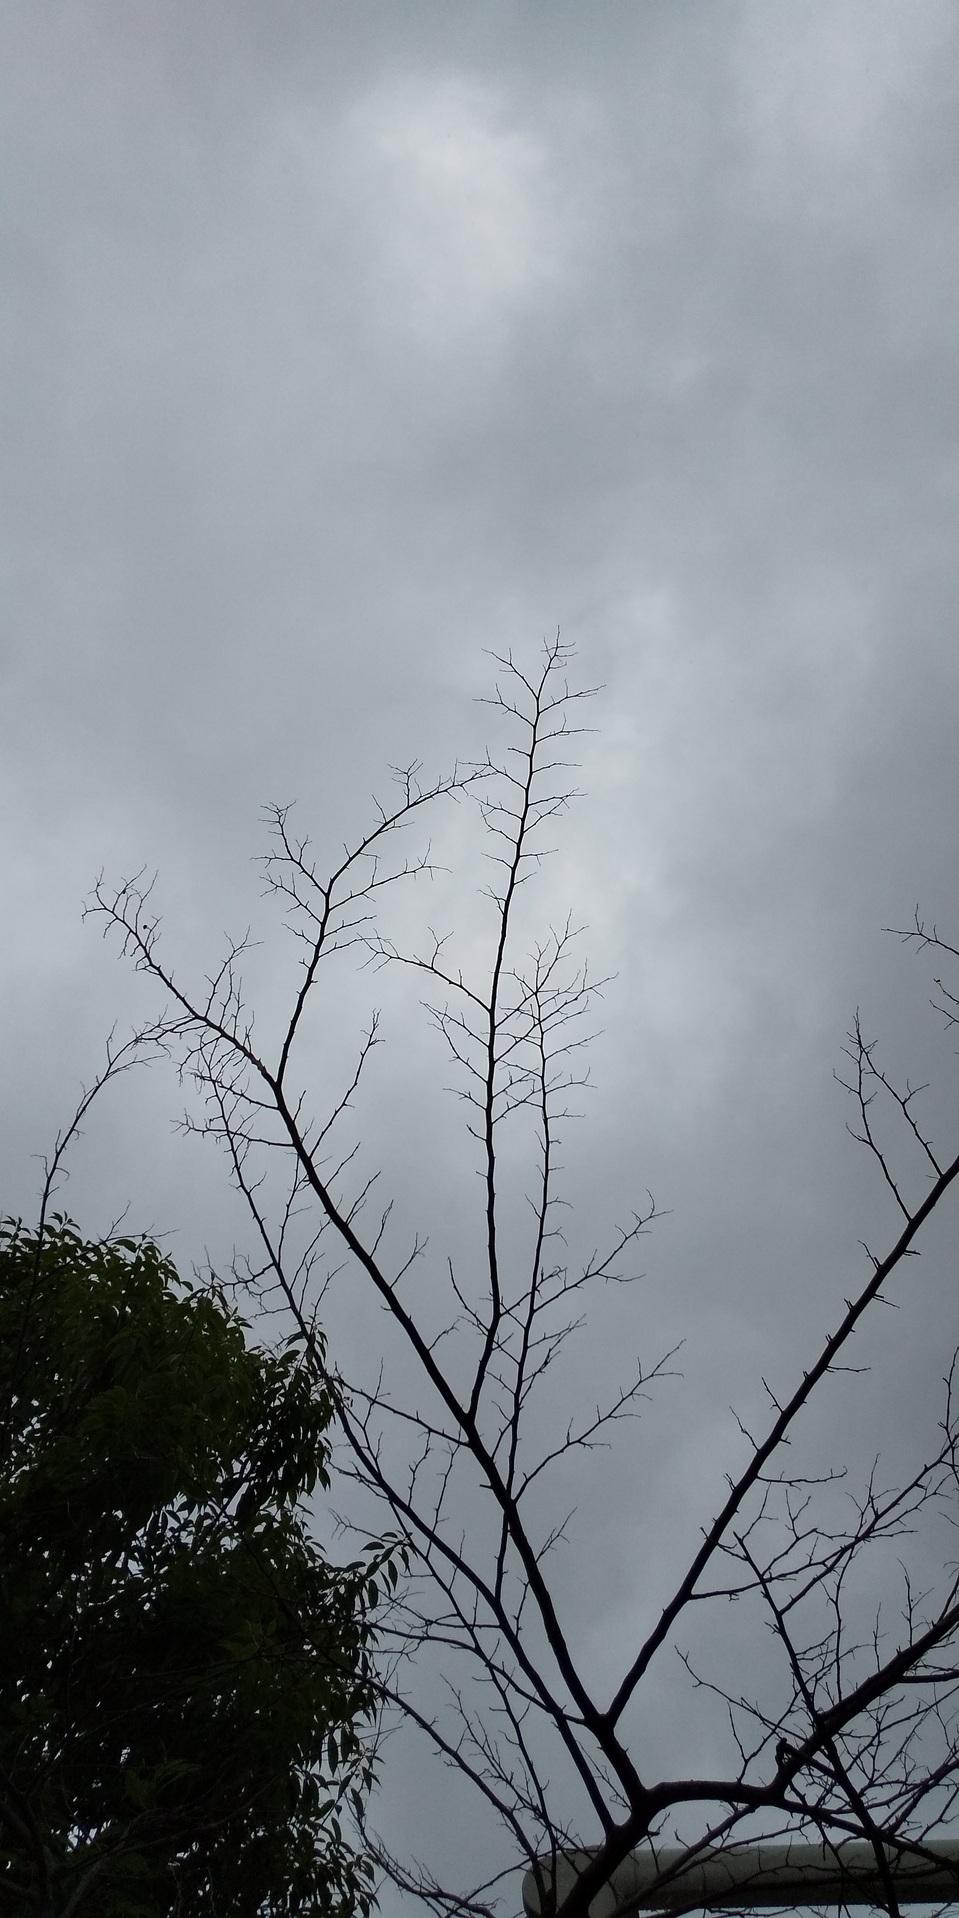 🌧️ もの凄い雨と風 🌧️ まちかどカフェ 🎤 九州の豪雨被害、お見舞い申し上げます 🙇_f0061067_22043024.jpg